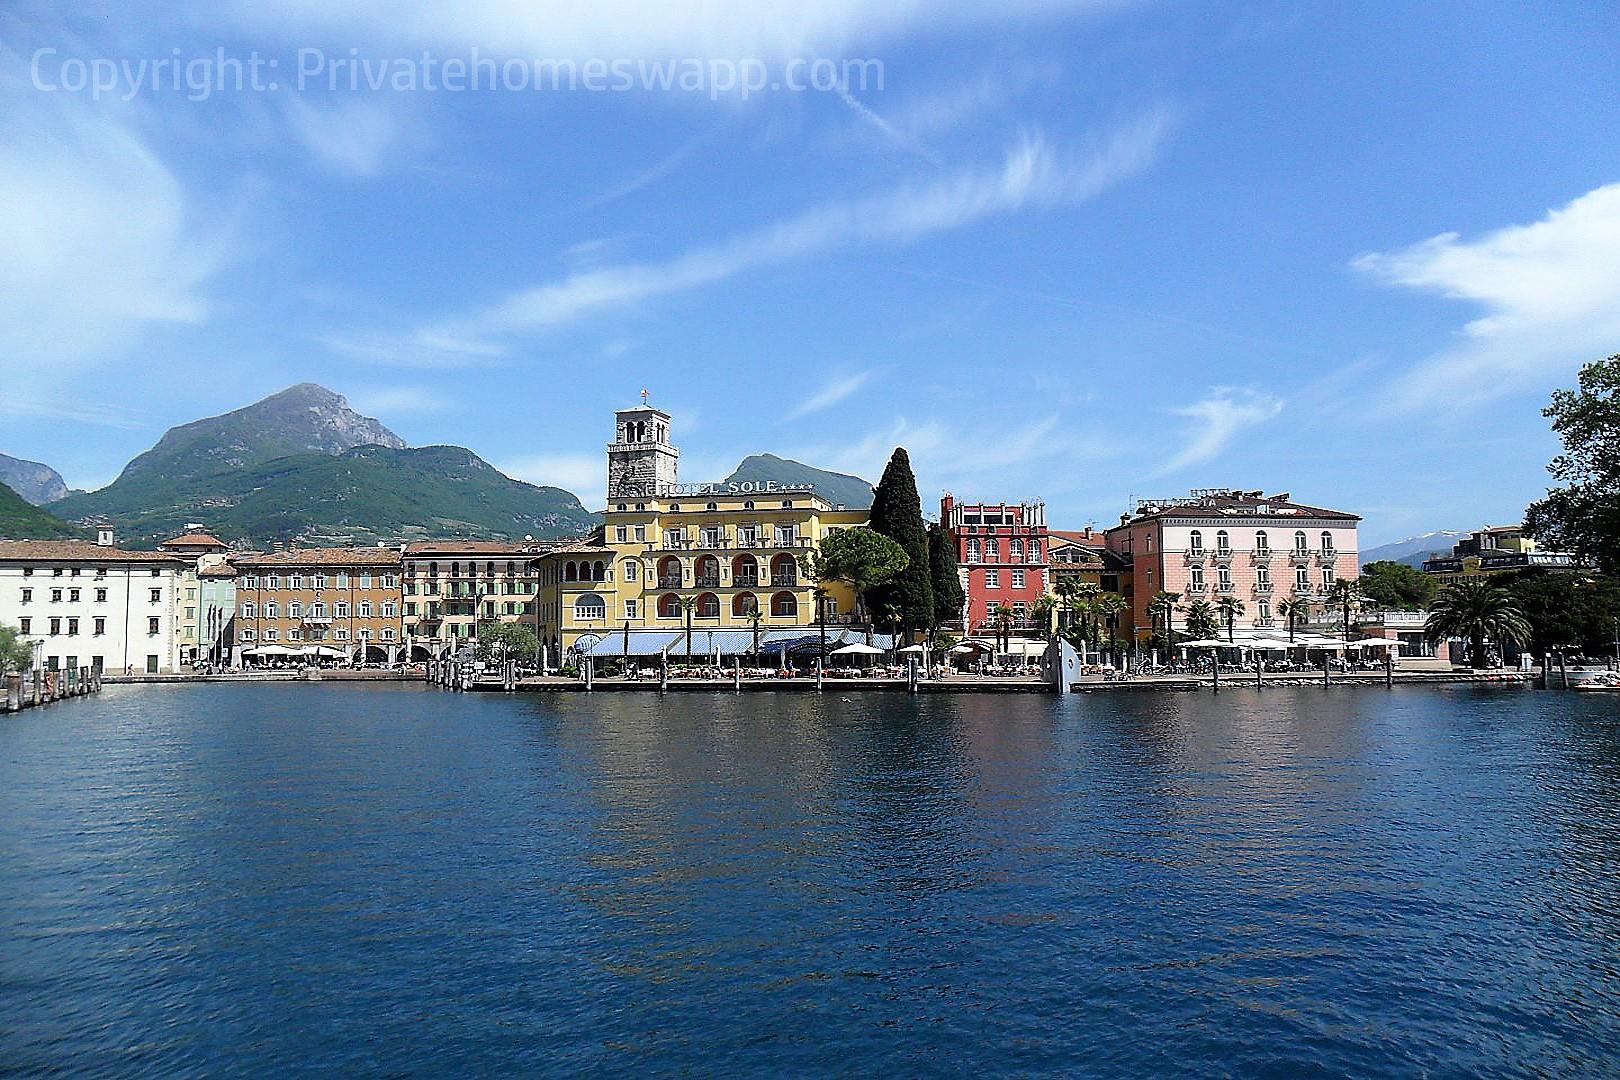 Privatehomeswapp - Riva Del Garda - 2014